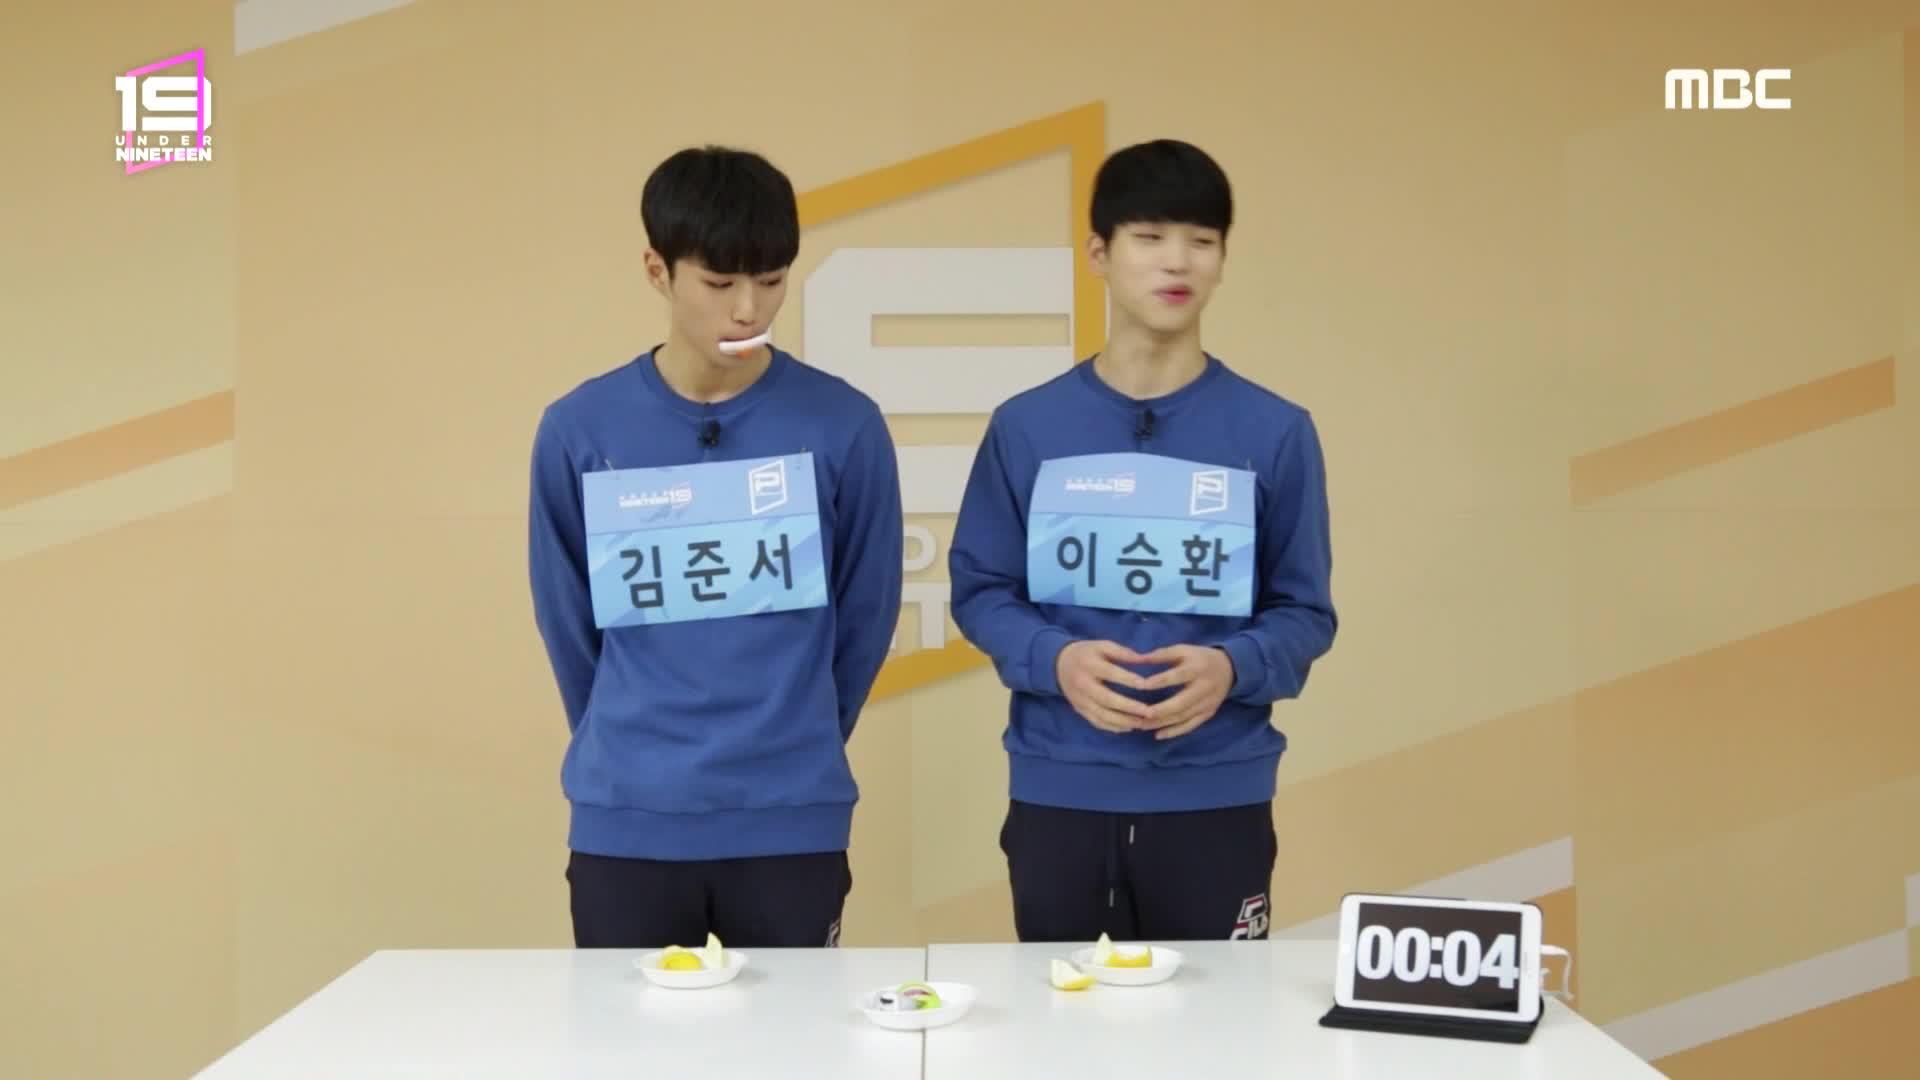 [19 스페셜] 레몬 먹기 대결 | 김준서 VS 이승환